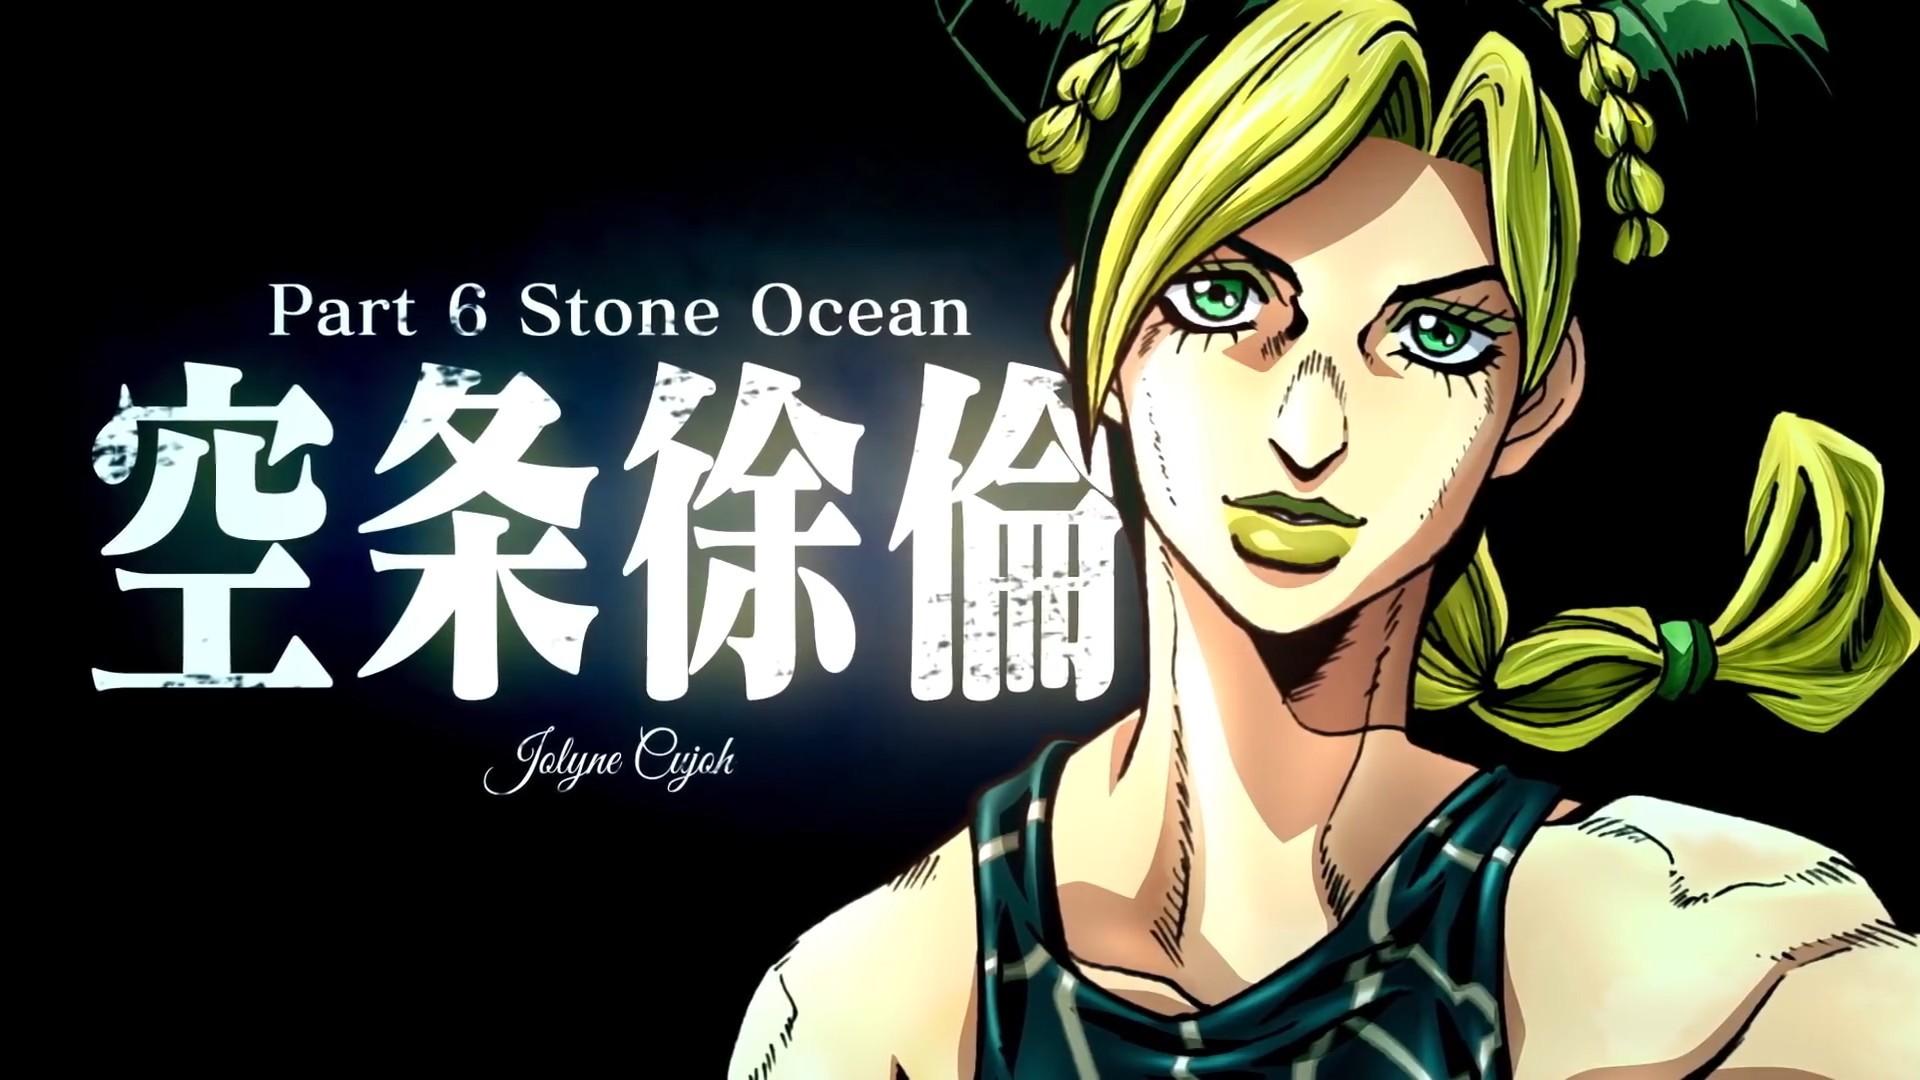 来了来了!!TV动画《JOJO的奇妙冒险:石之海》制作决定,菲鲁兹·蓝担任徐伦声优